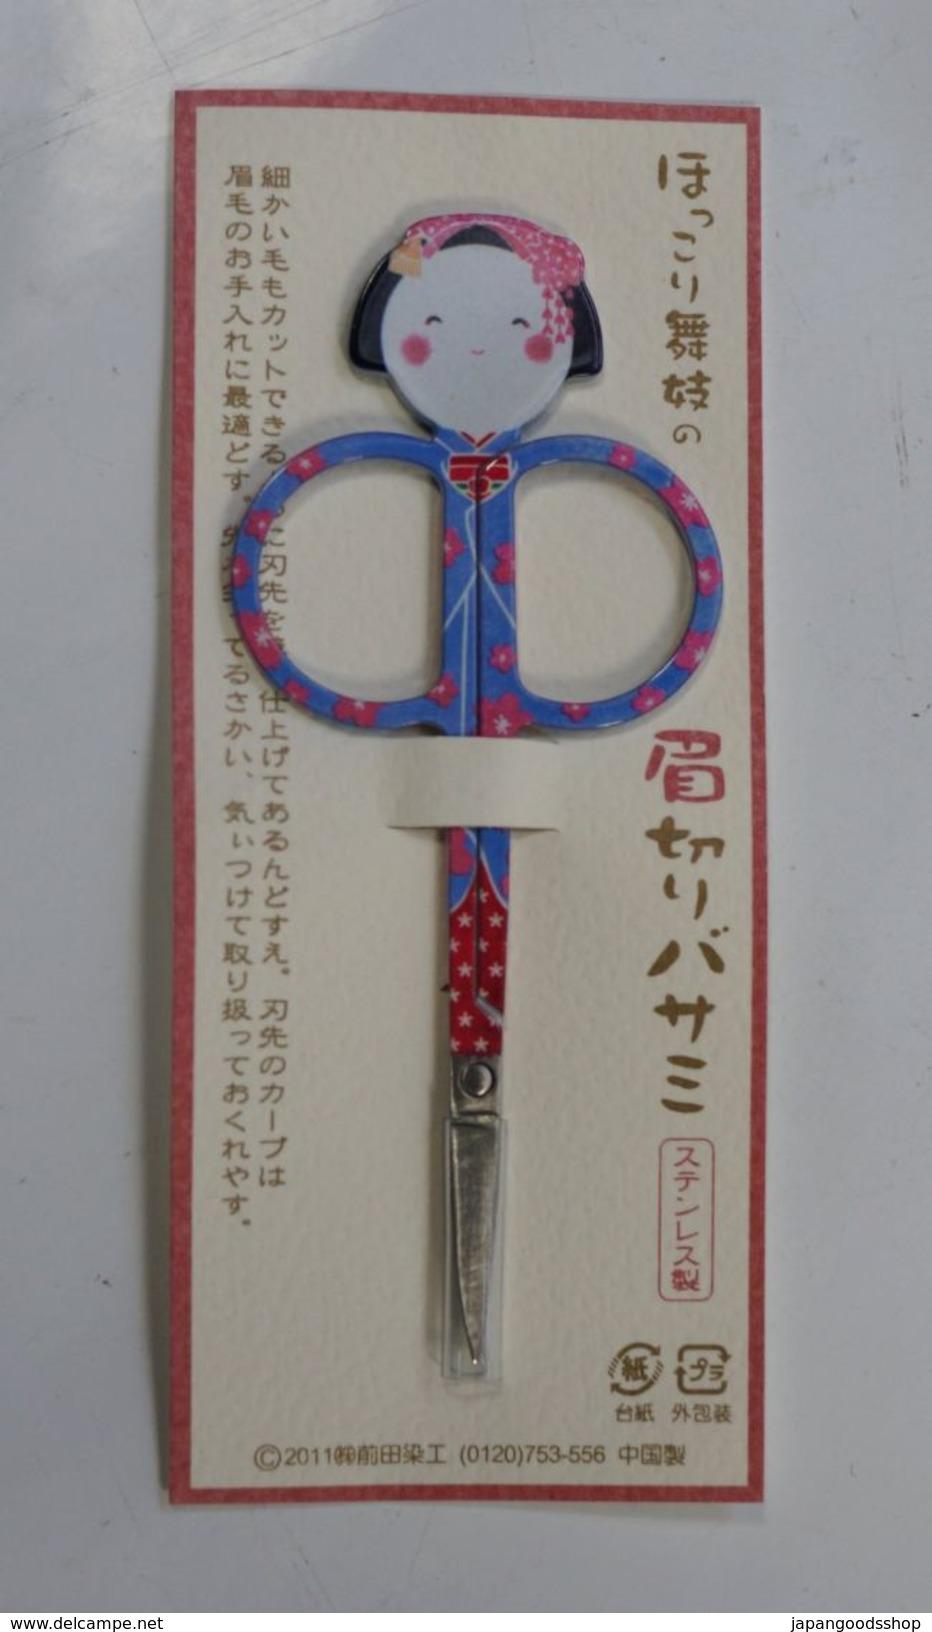 Small Scissors - Accessories